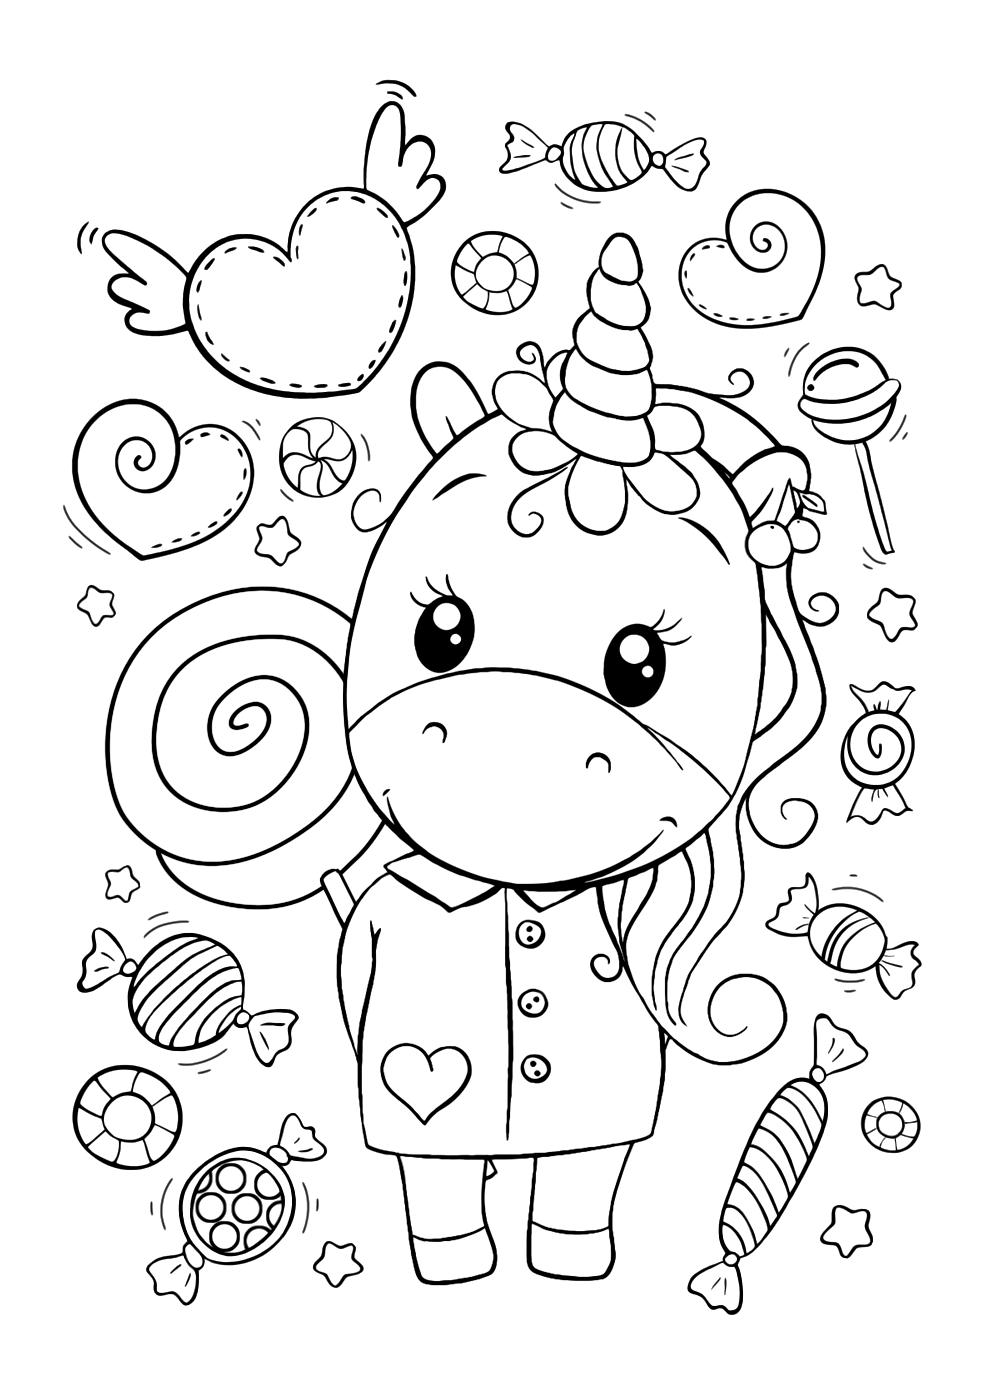 Раскраска Единорог | Раскраски няшных животных. Милые ...